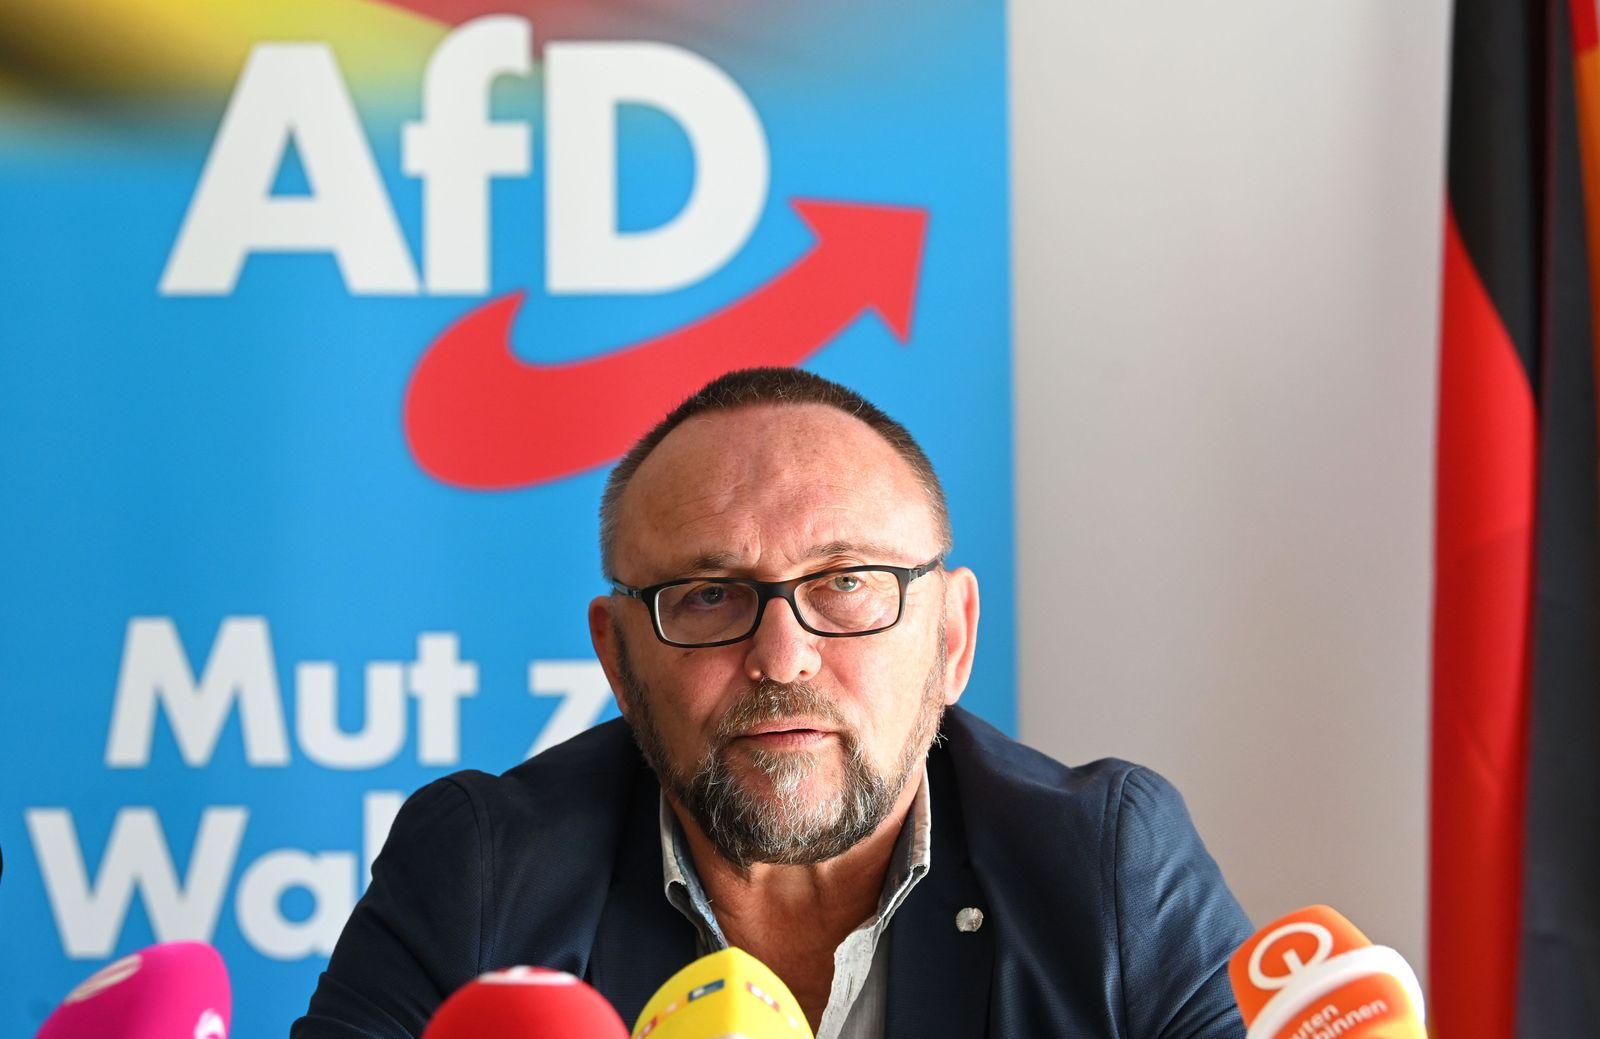 Machtkampf überschattet Bremer AfD-Parteitag